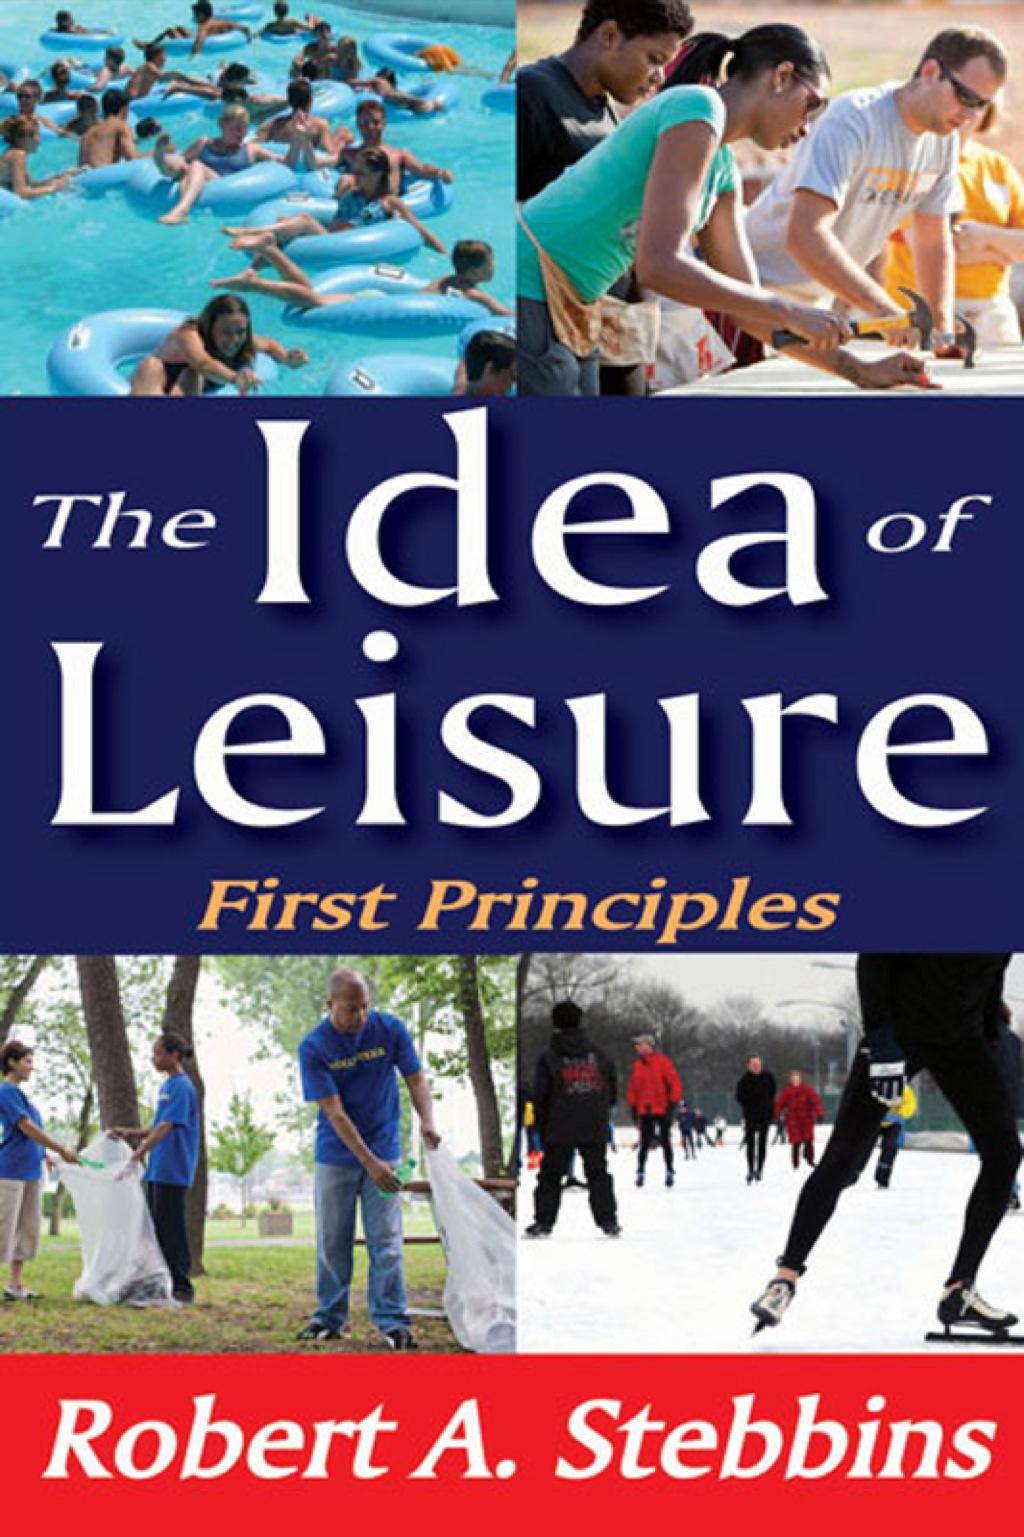 The Idea of Leisure (eBook)